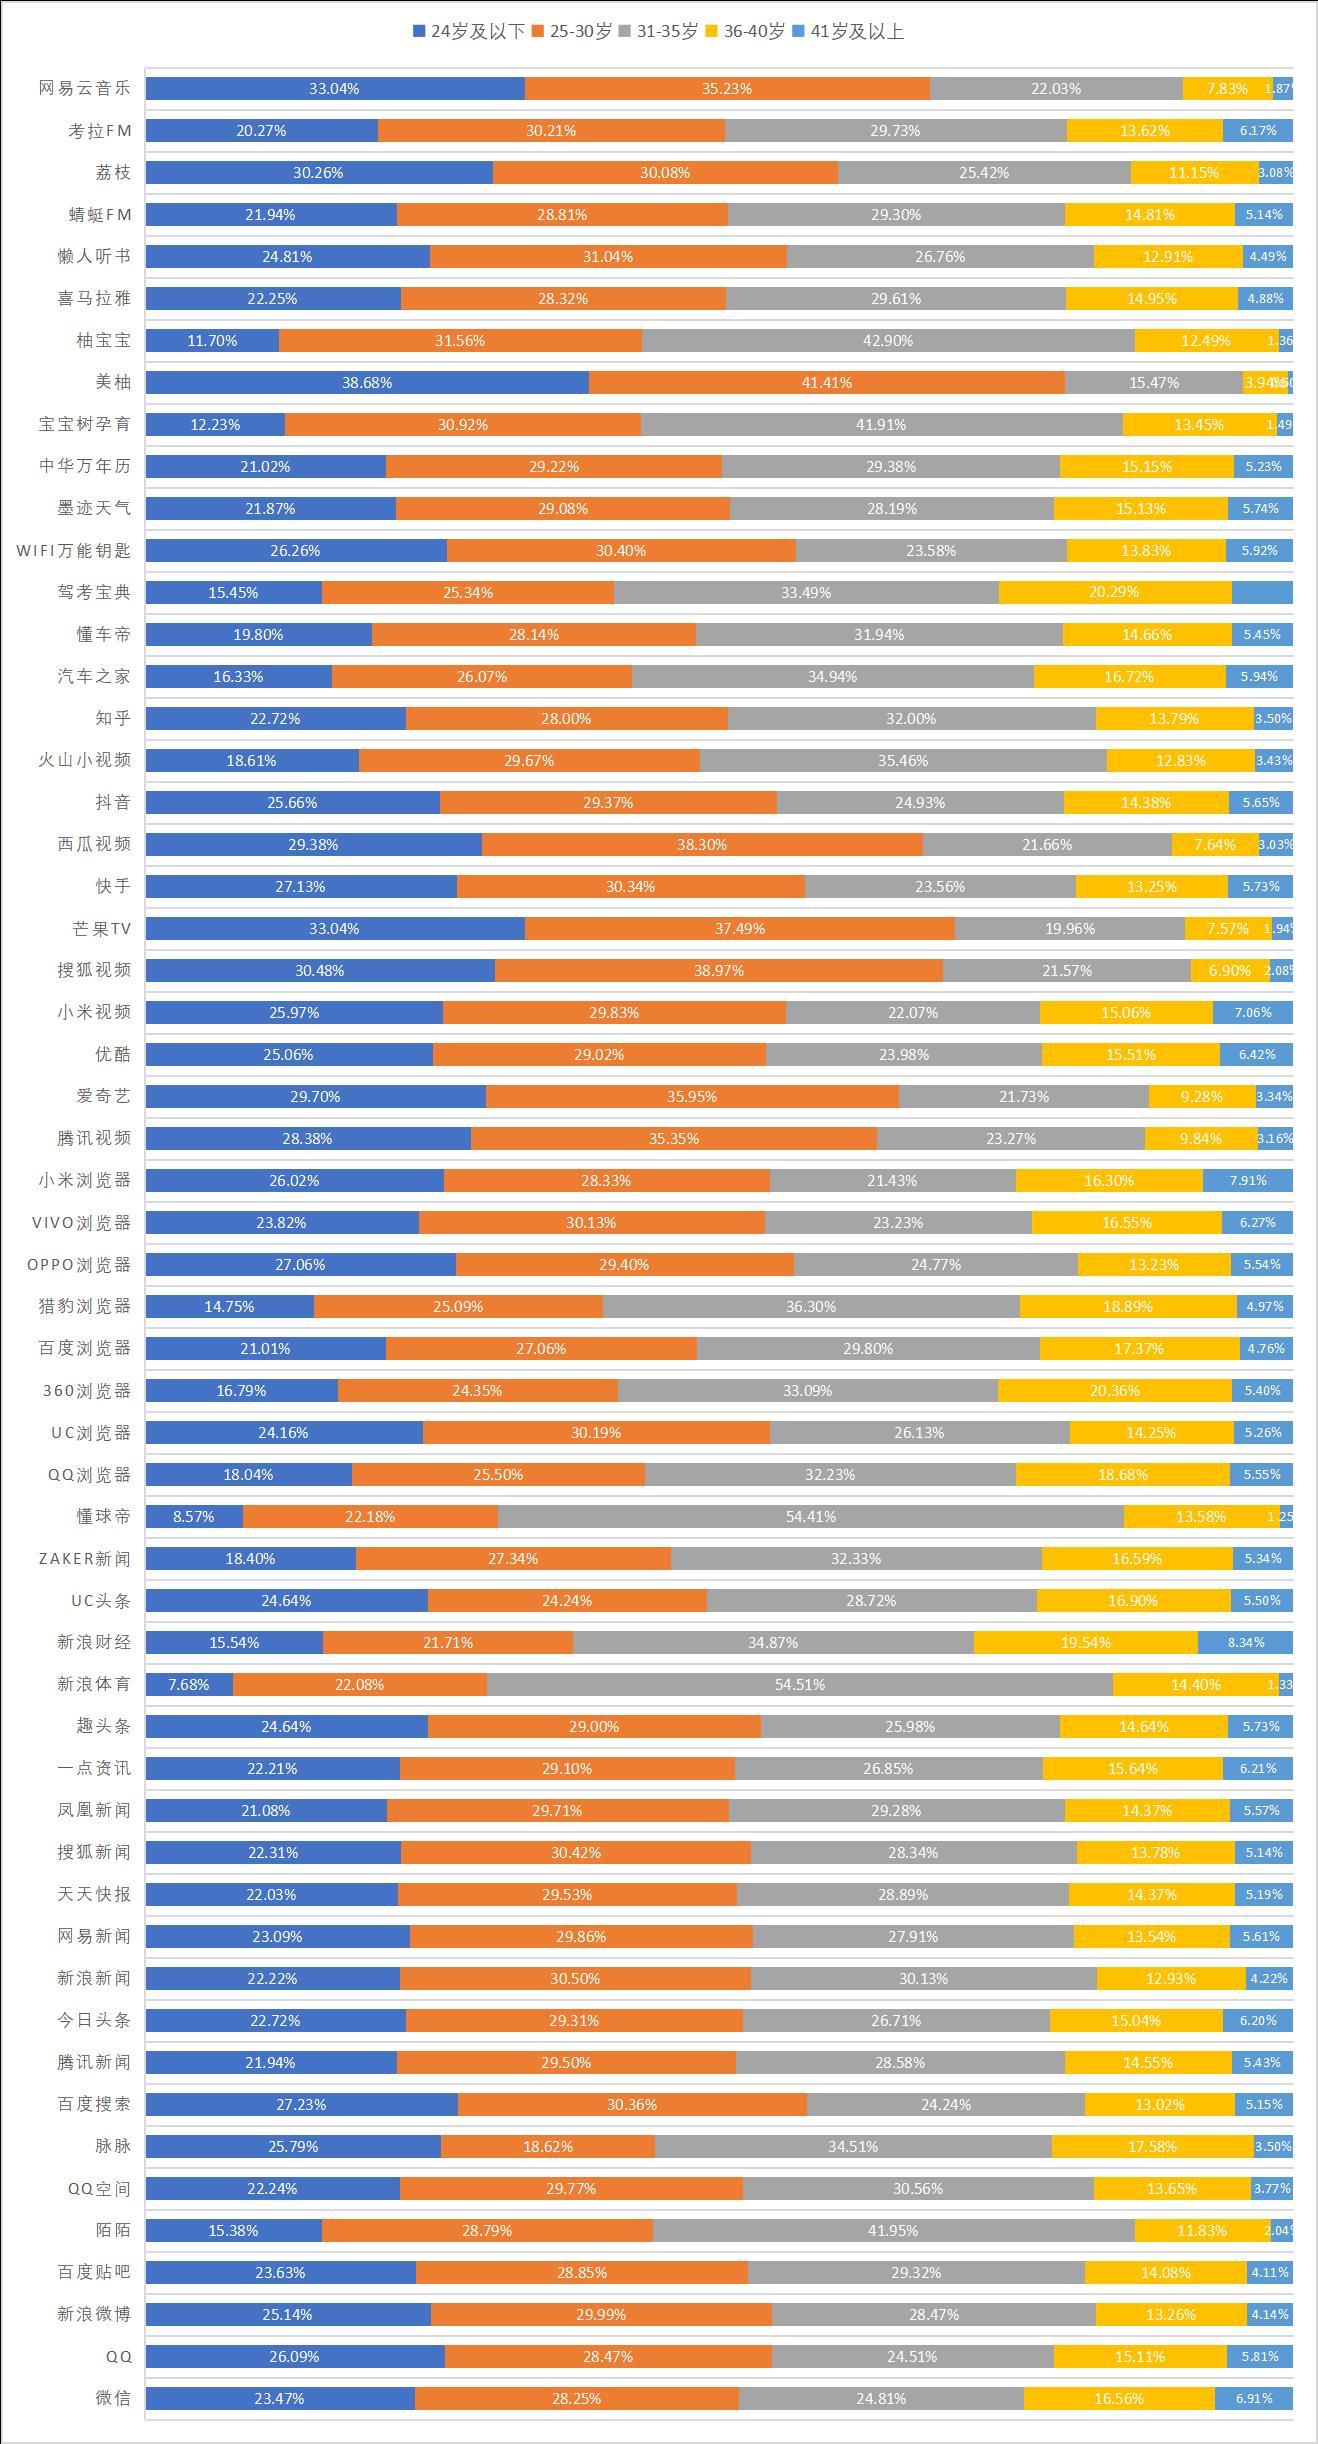 2019年2月份56个信息流广告平台流量数据排行